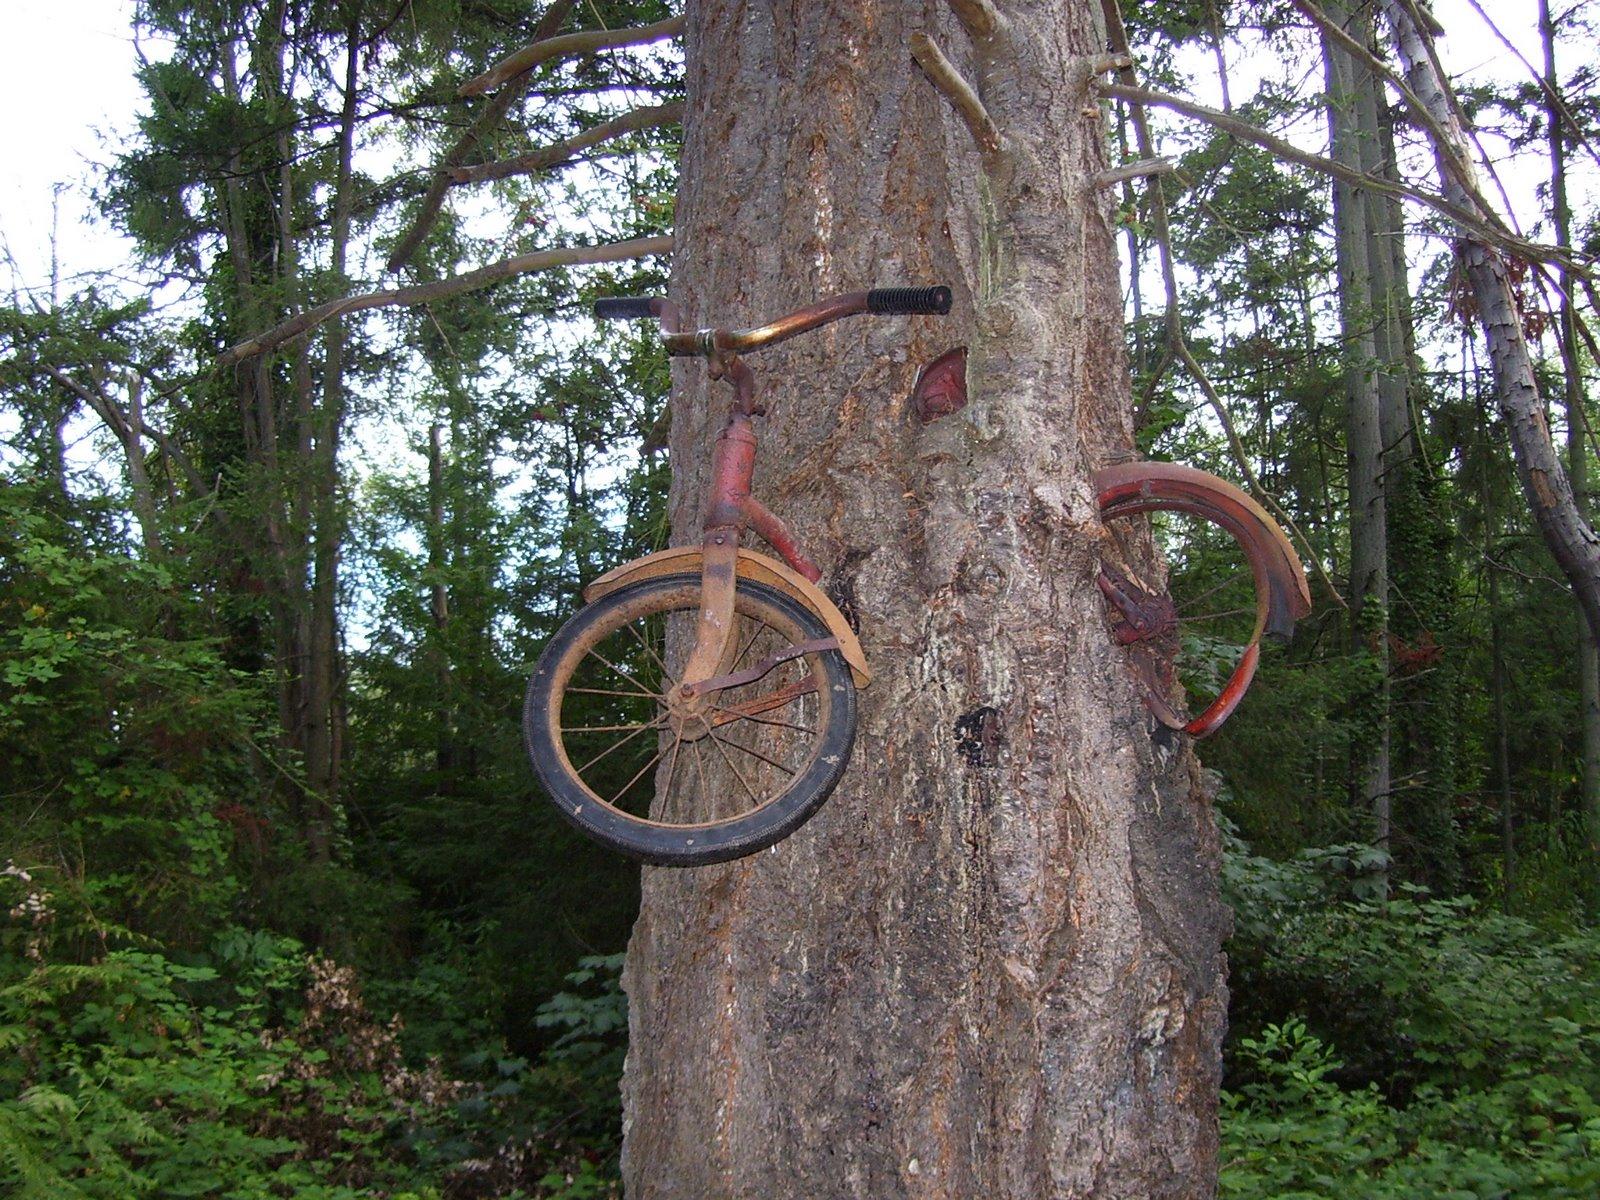 Привязал к дереву фото 7 фотография